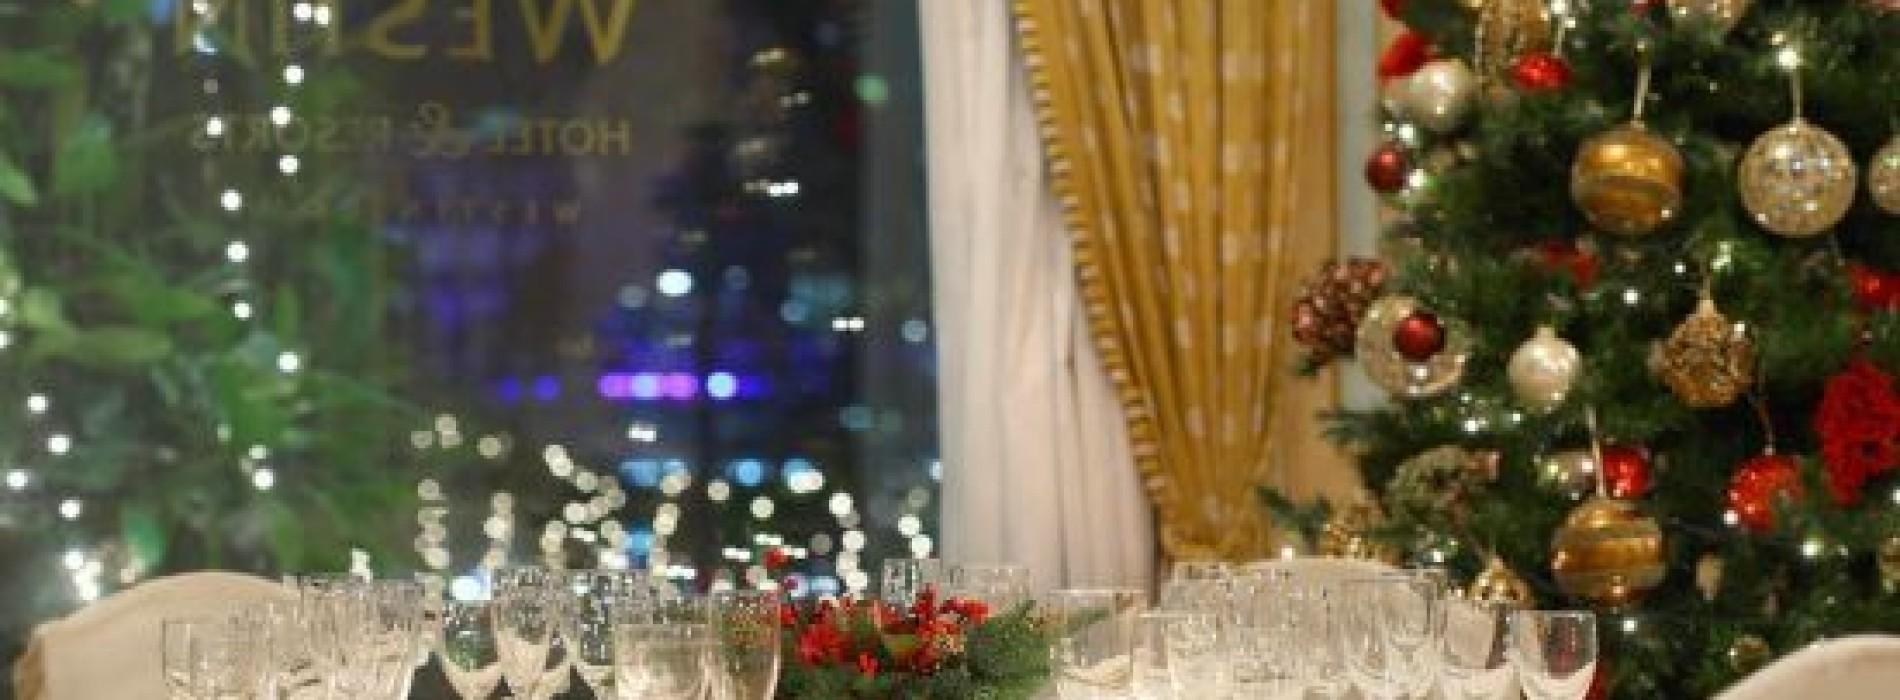 Pranzo di Natale 2014 a Milano: i migliori ristoranti per il 25 dicembre e per la cena della Vigilia